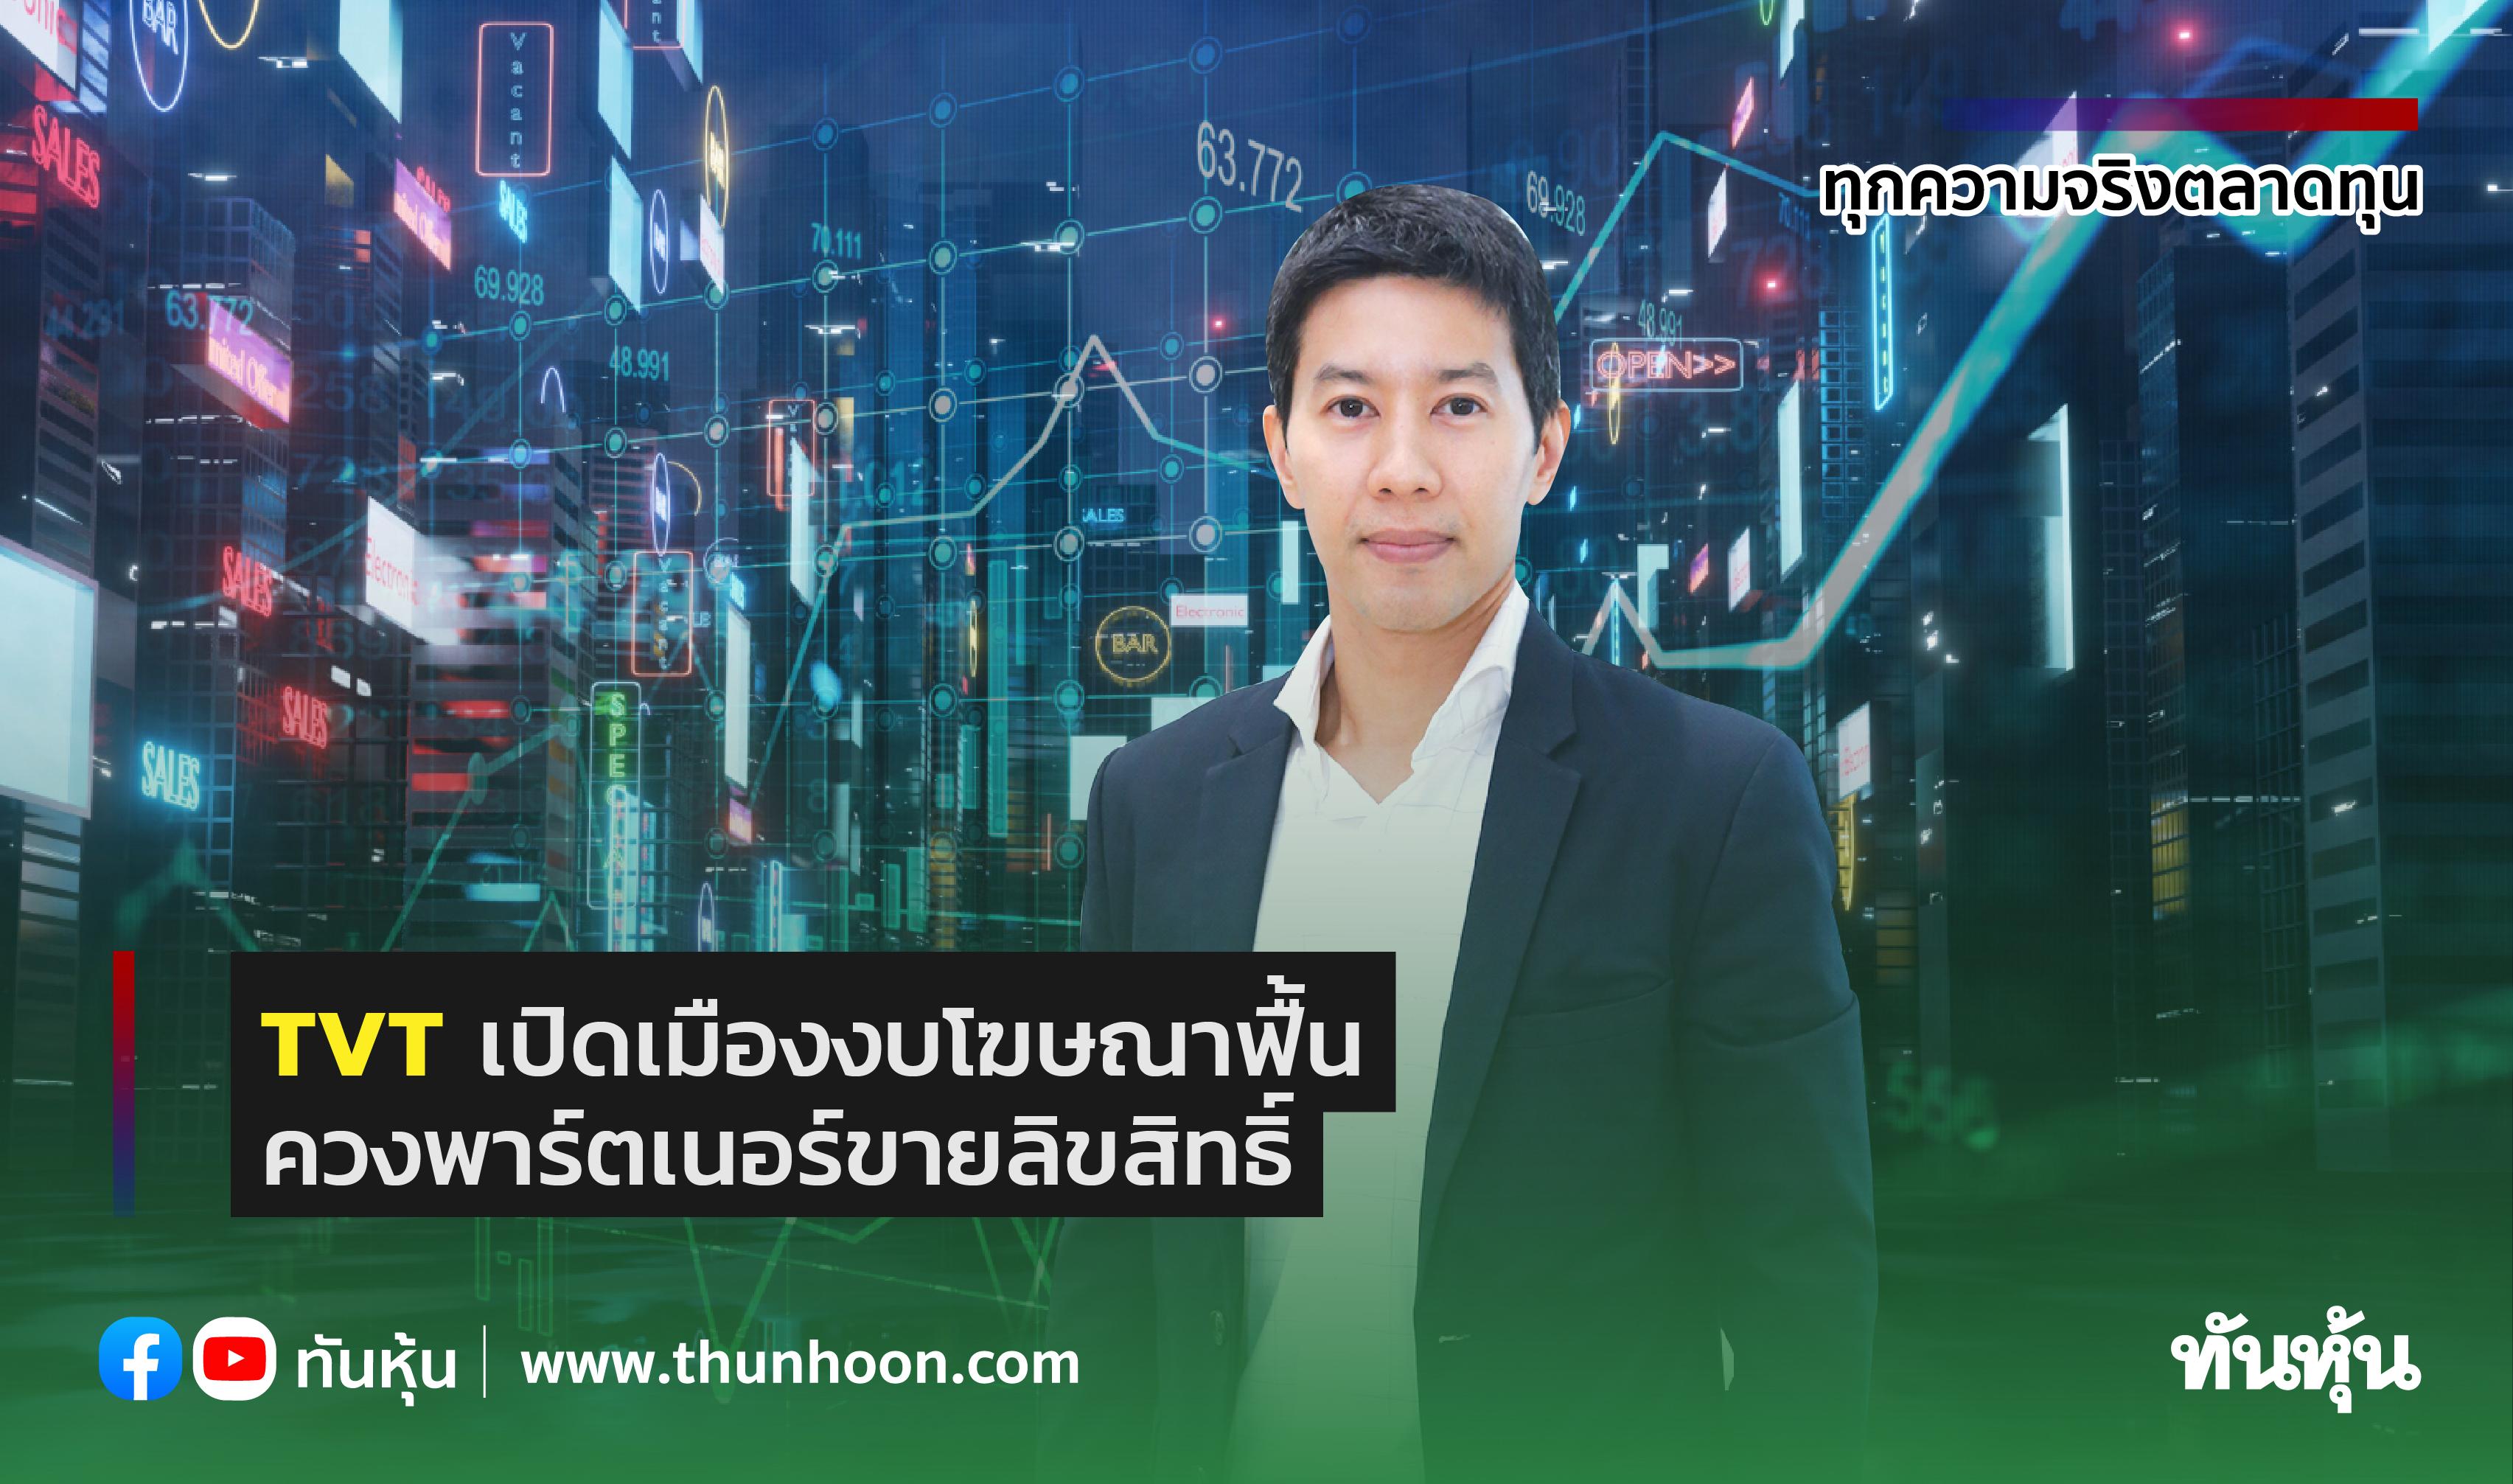 TVTเปิดเมืองงบโฆษณาฟื้น ควงพาร์ตเนอร์ขายลิขสิทธิ์